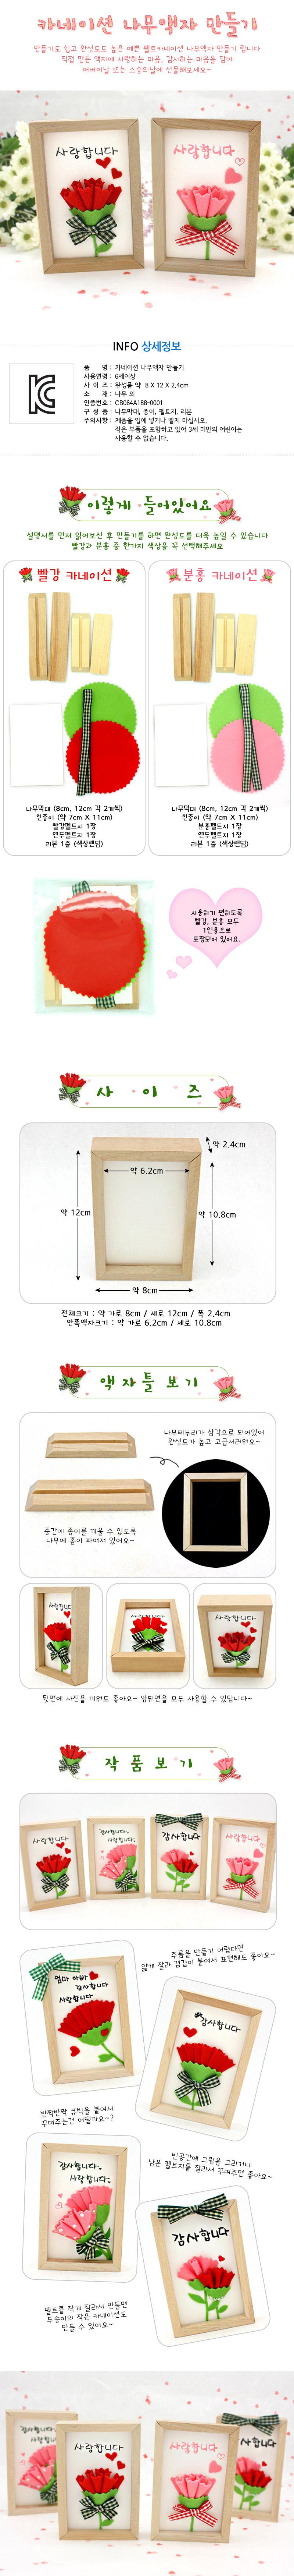 카네이션 나무액자 만들기 - 에코키즈, 2,400원, 압화 공예, 열쇠고리/소품 패키지